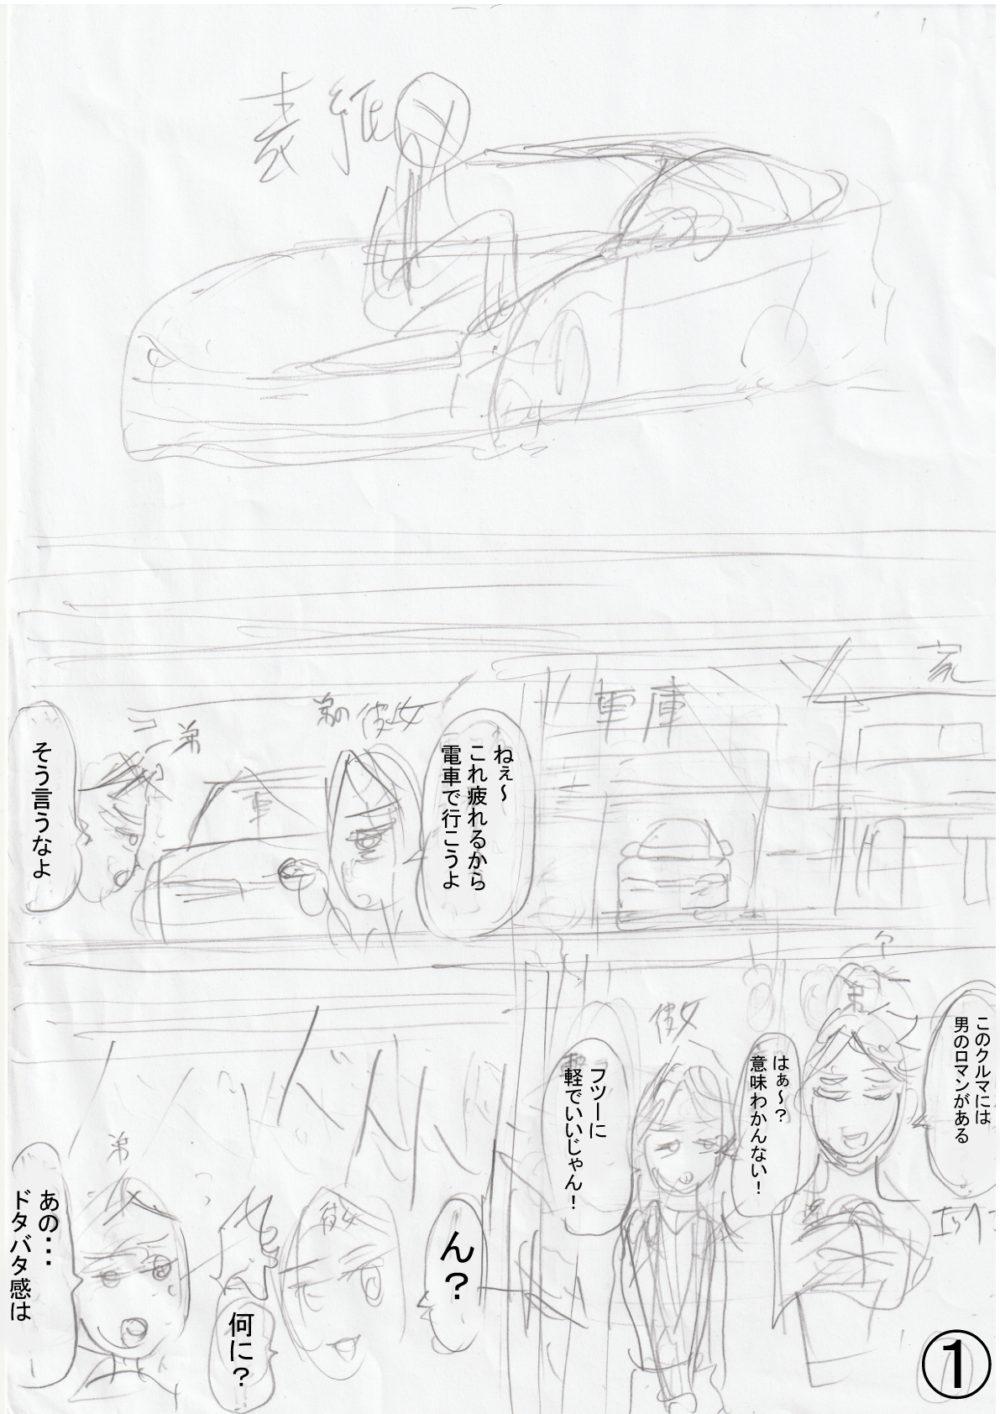 世界みんなマンガ8P漫画ネーム